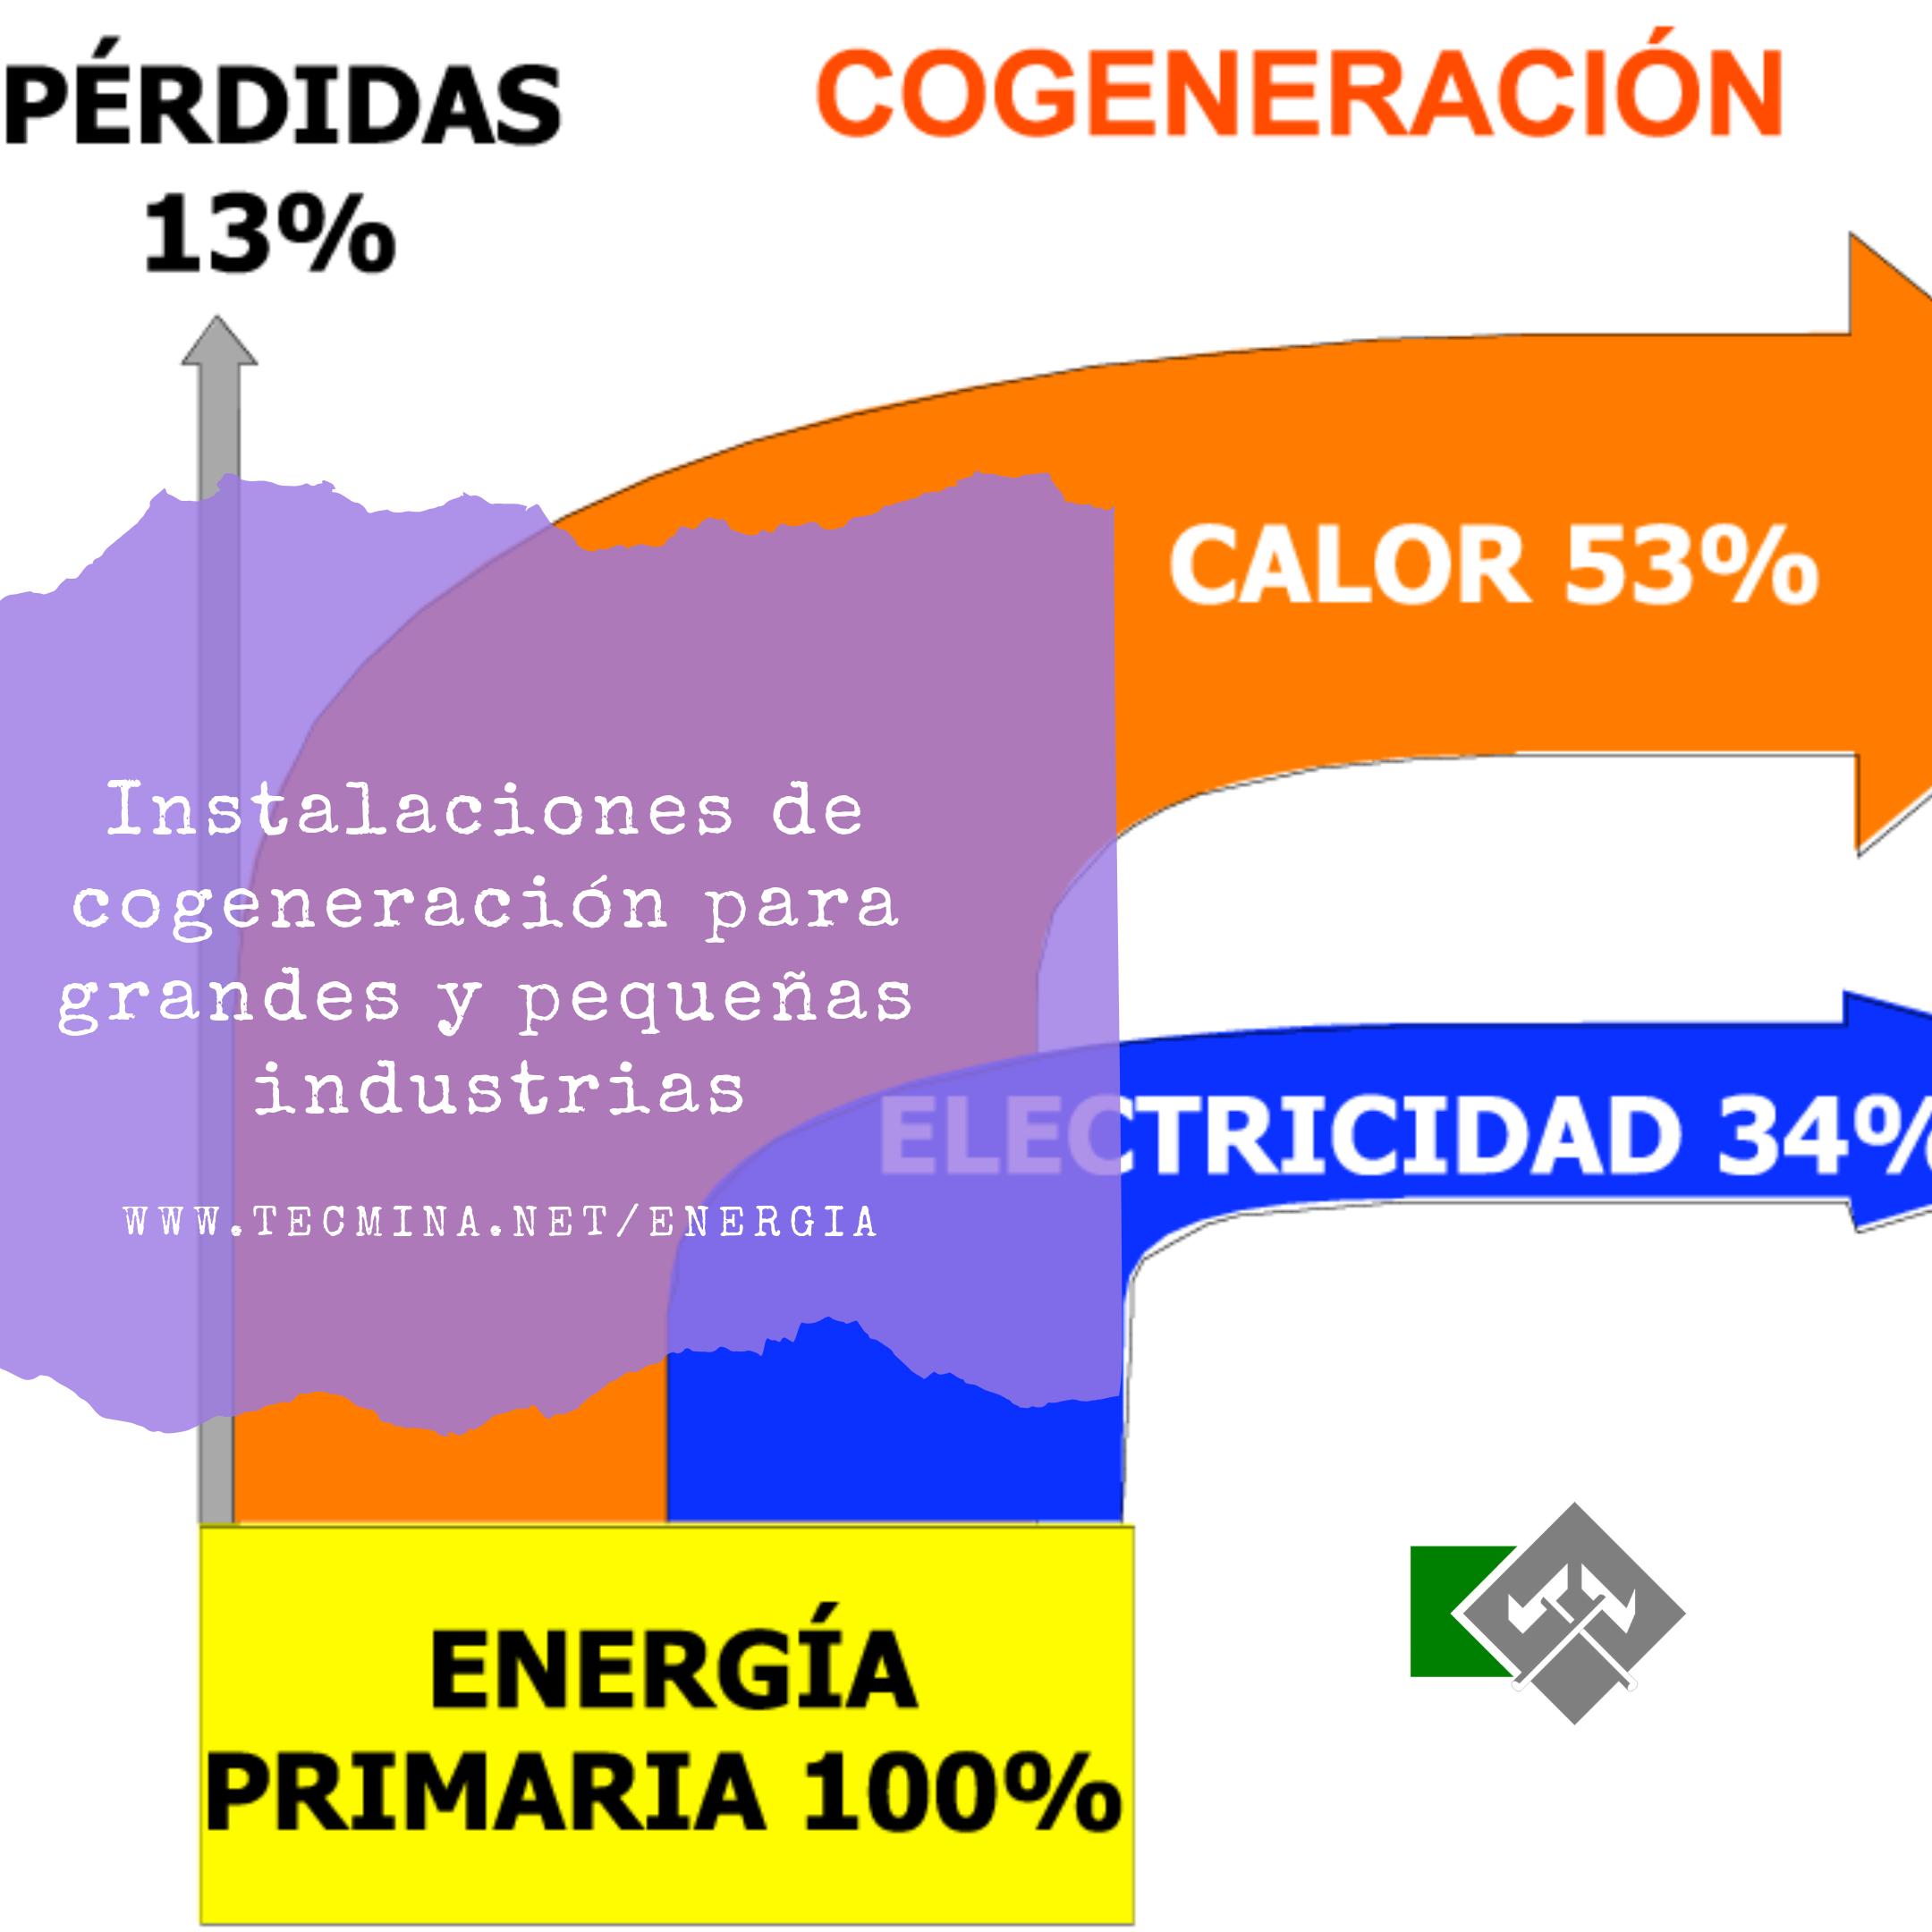 COGENERACIÓN ENERGÉTICA